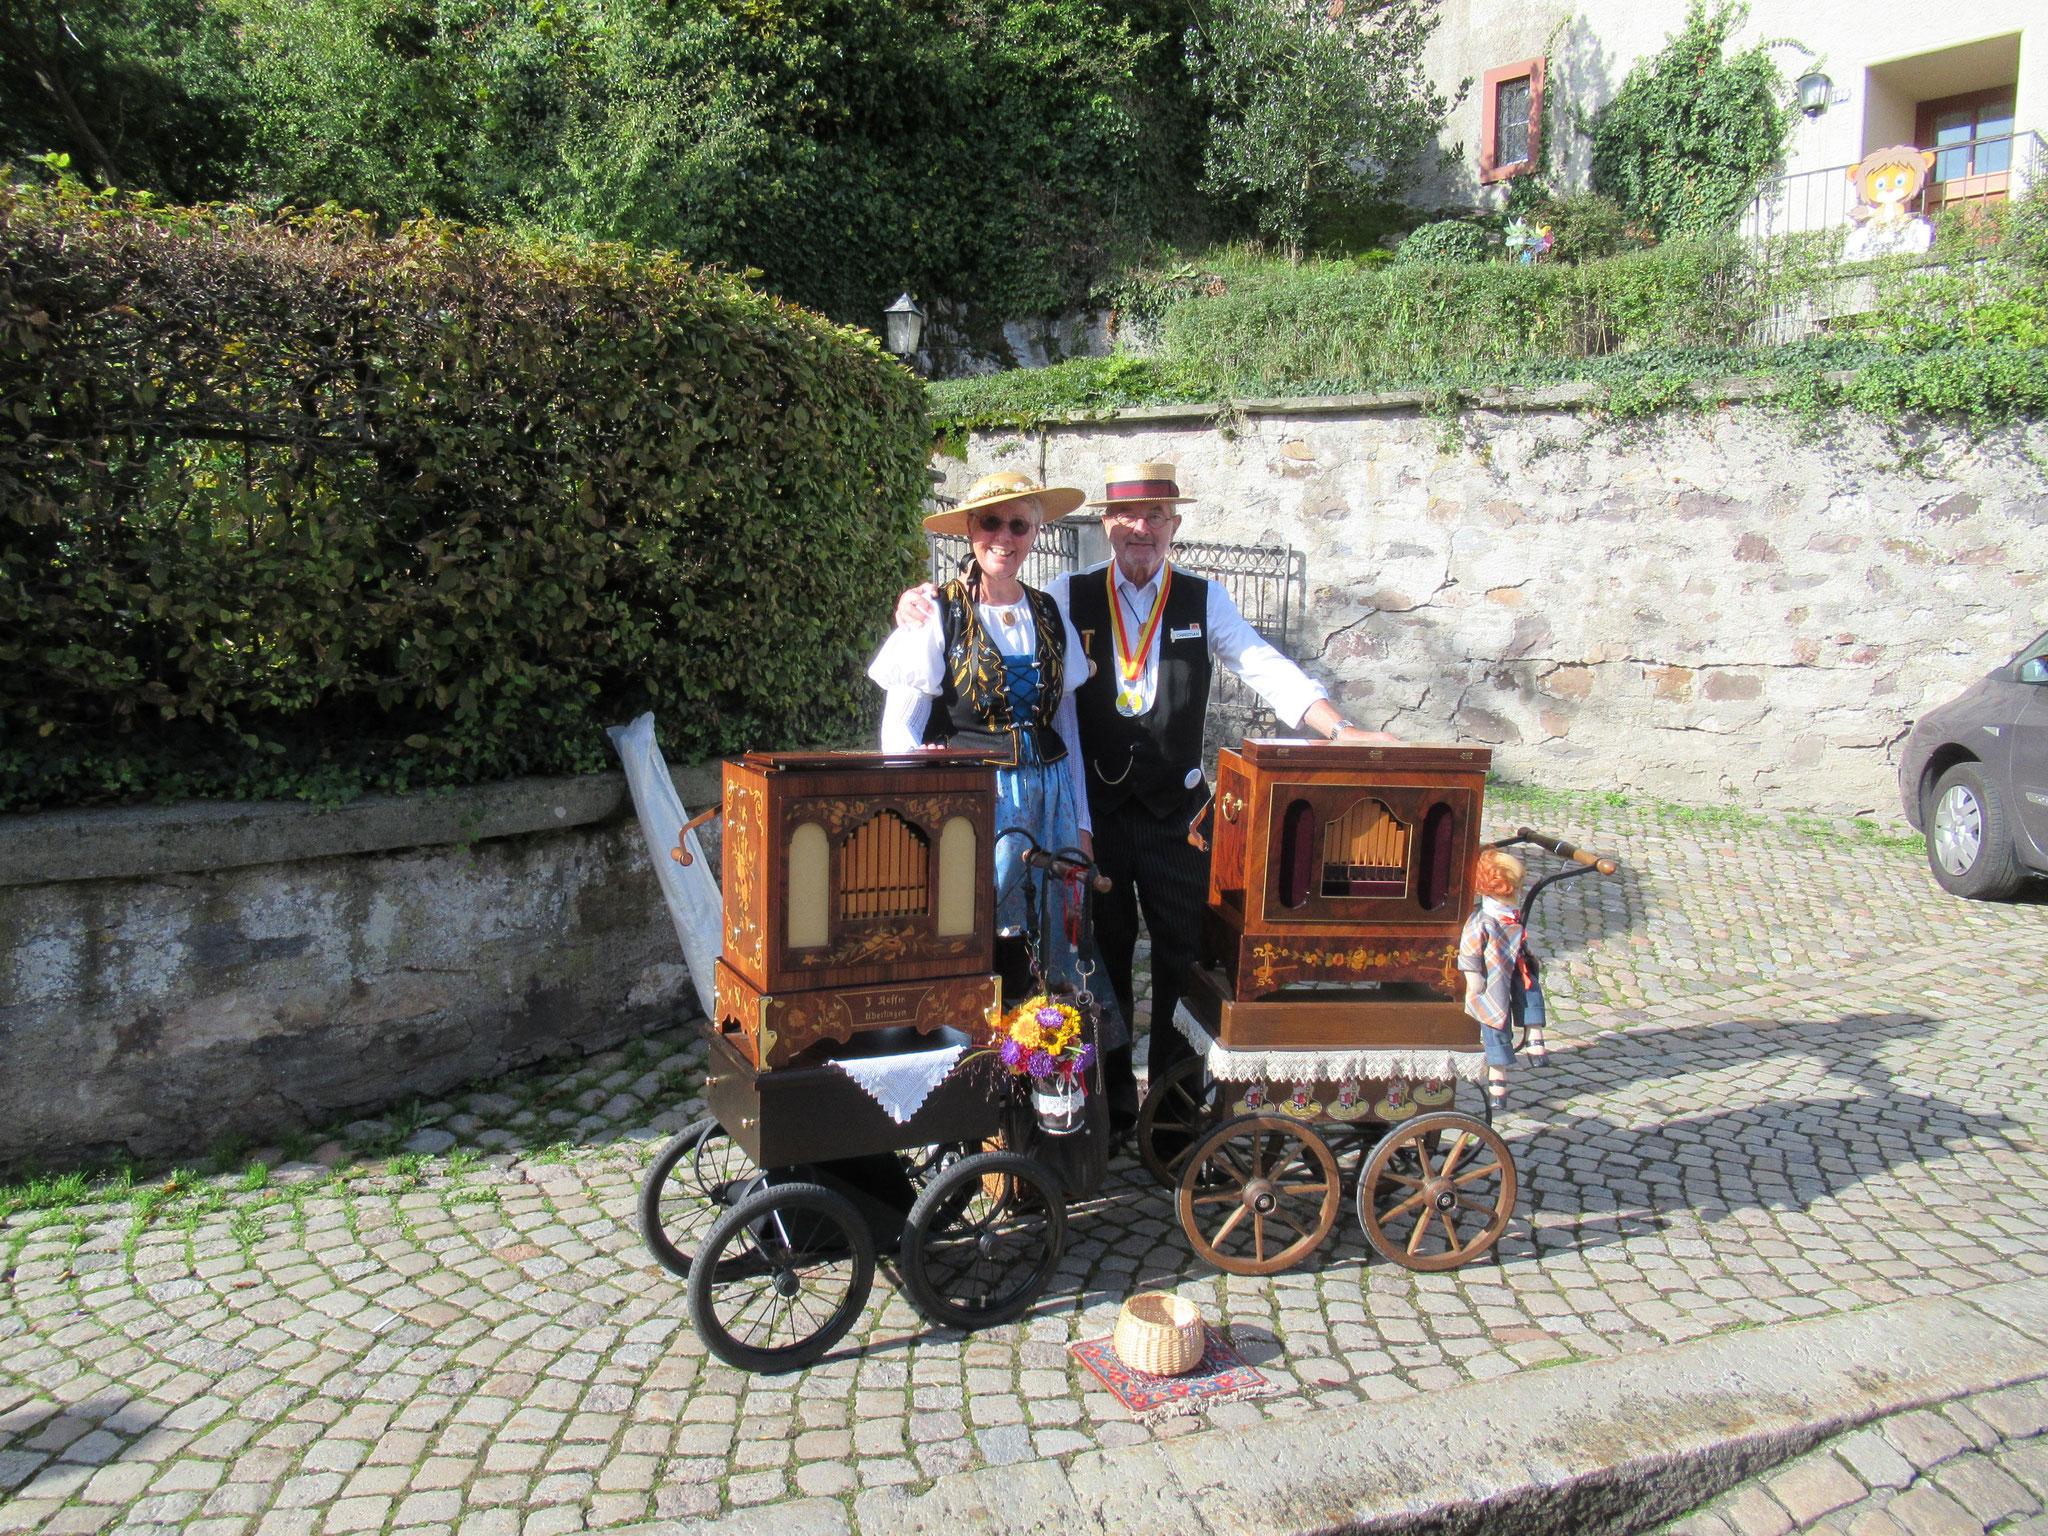 Esther Studer aus Bremgarten AG und Christian Schumacher aus Steffisburg BE